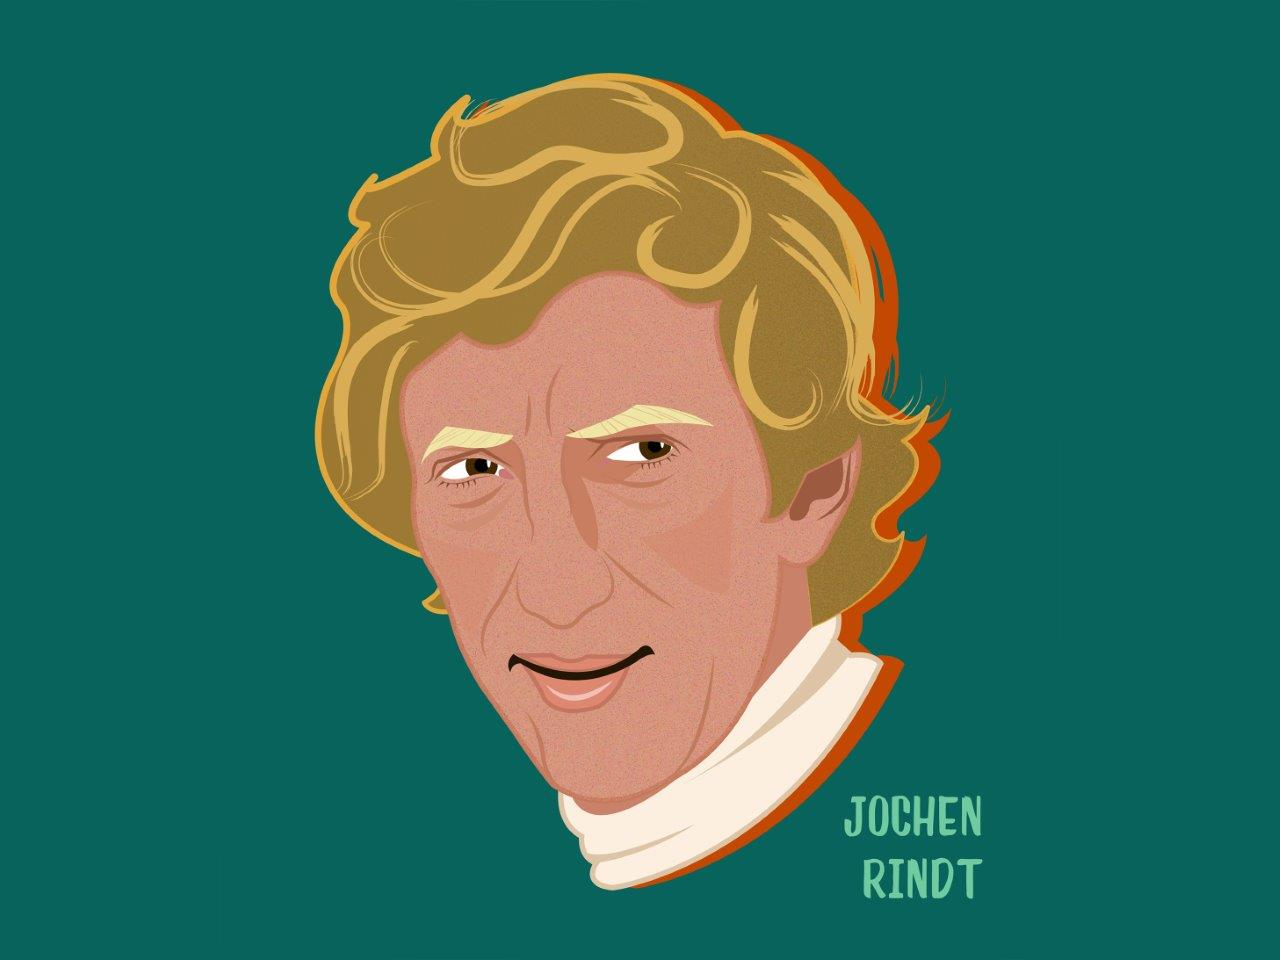 Jochen Rindt illustration